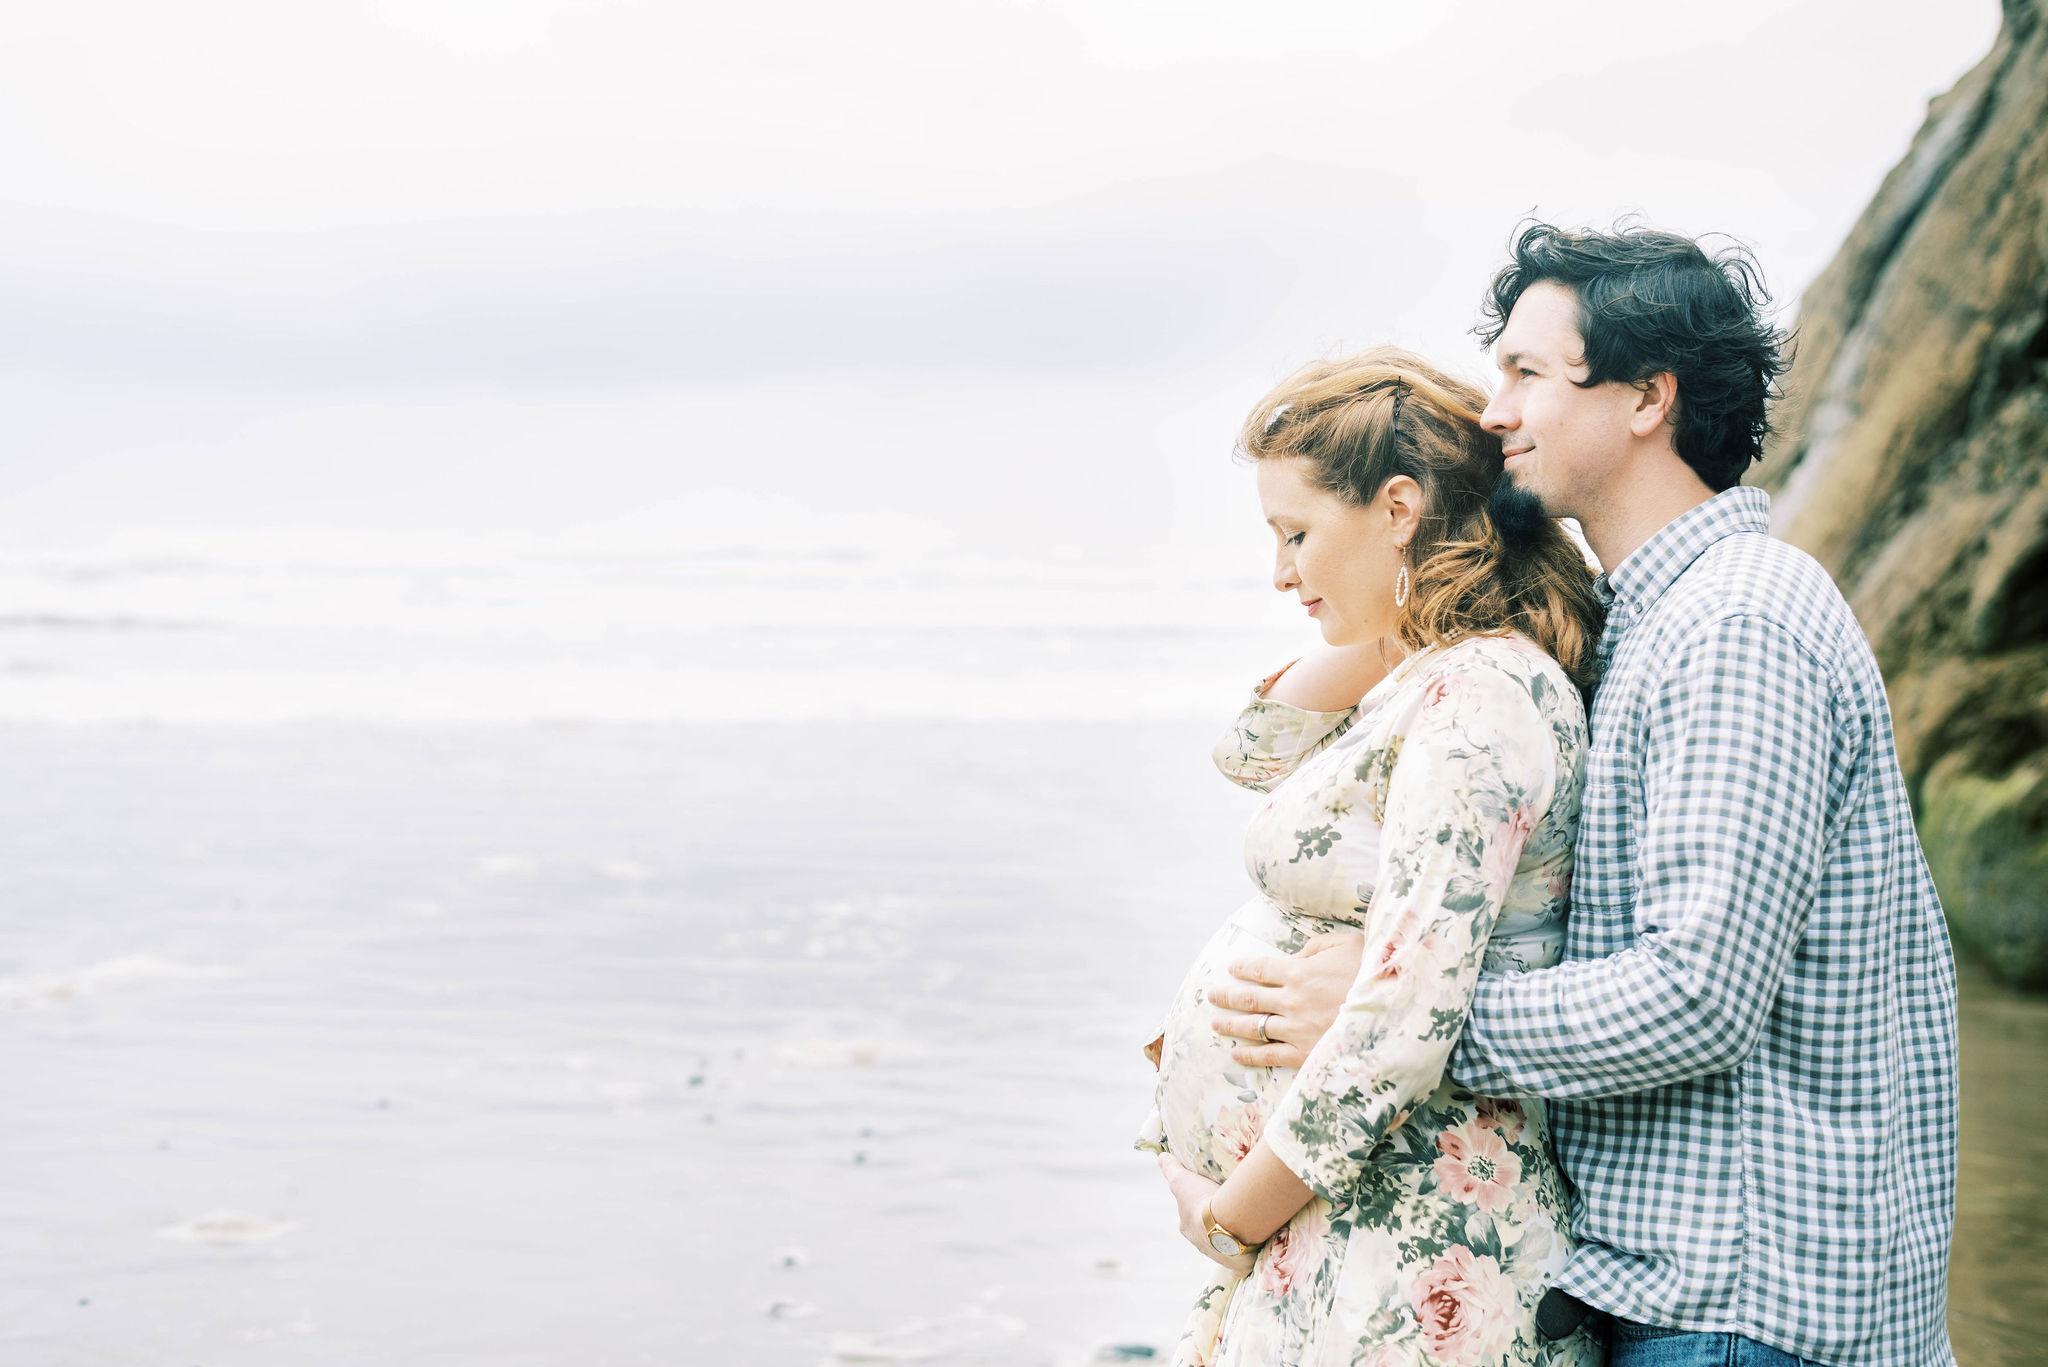 Oregon_Coast_Maternity_Session(11of17)